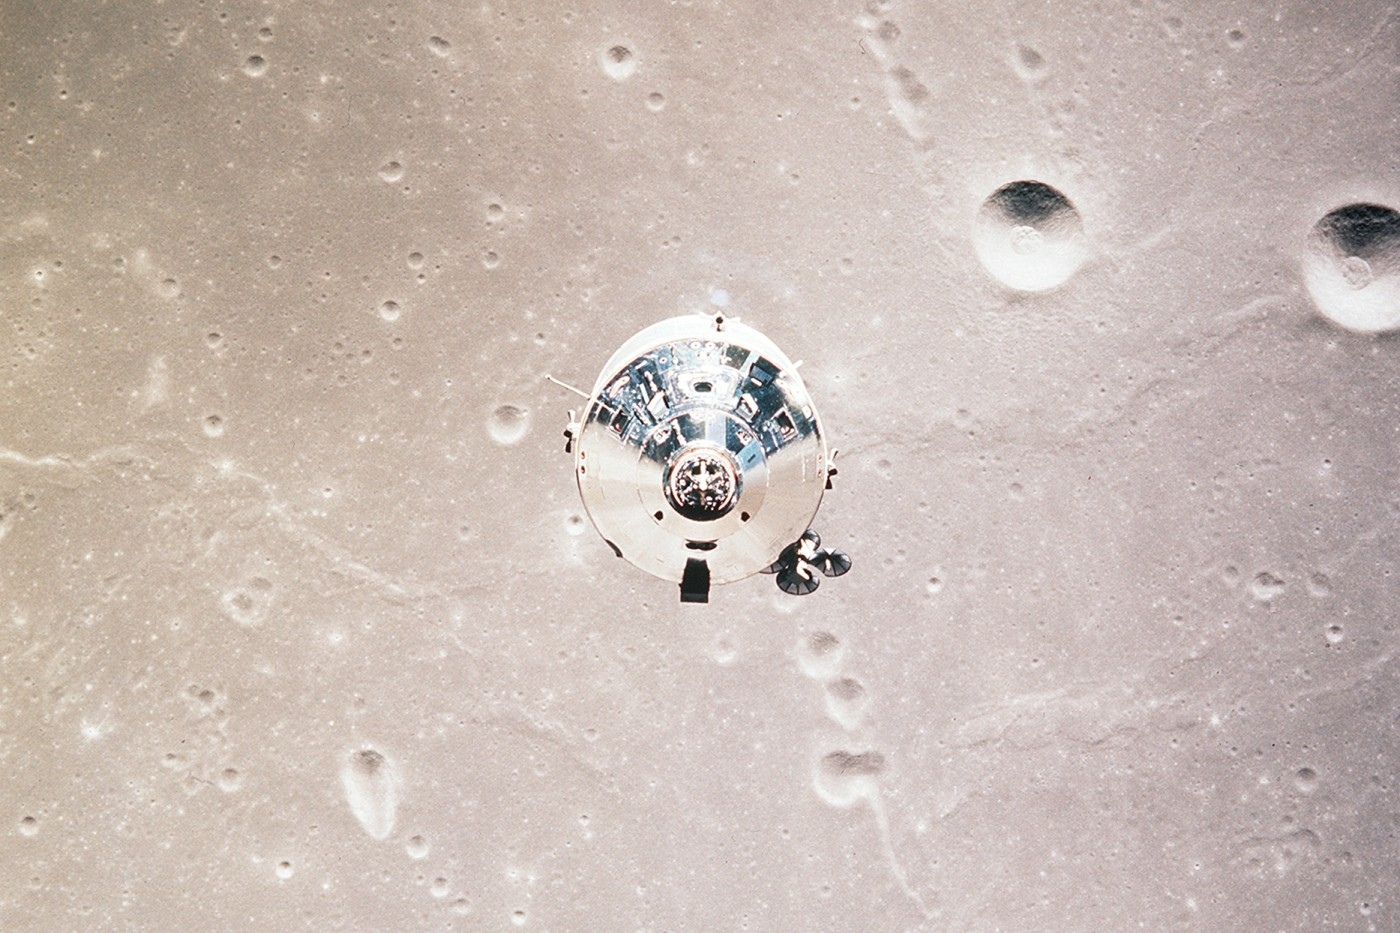 I moduli di comando e assistenza Apollo 11 (CSM) sono fotografati dal modulo lunare (LM) in orbita lunare durante la missione di atterraggio lunare Apollo 11. Immagine Nasa/JSC, 20 luglio 1969